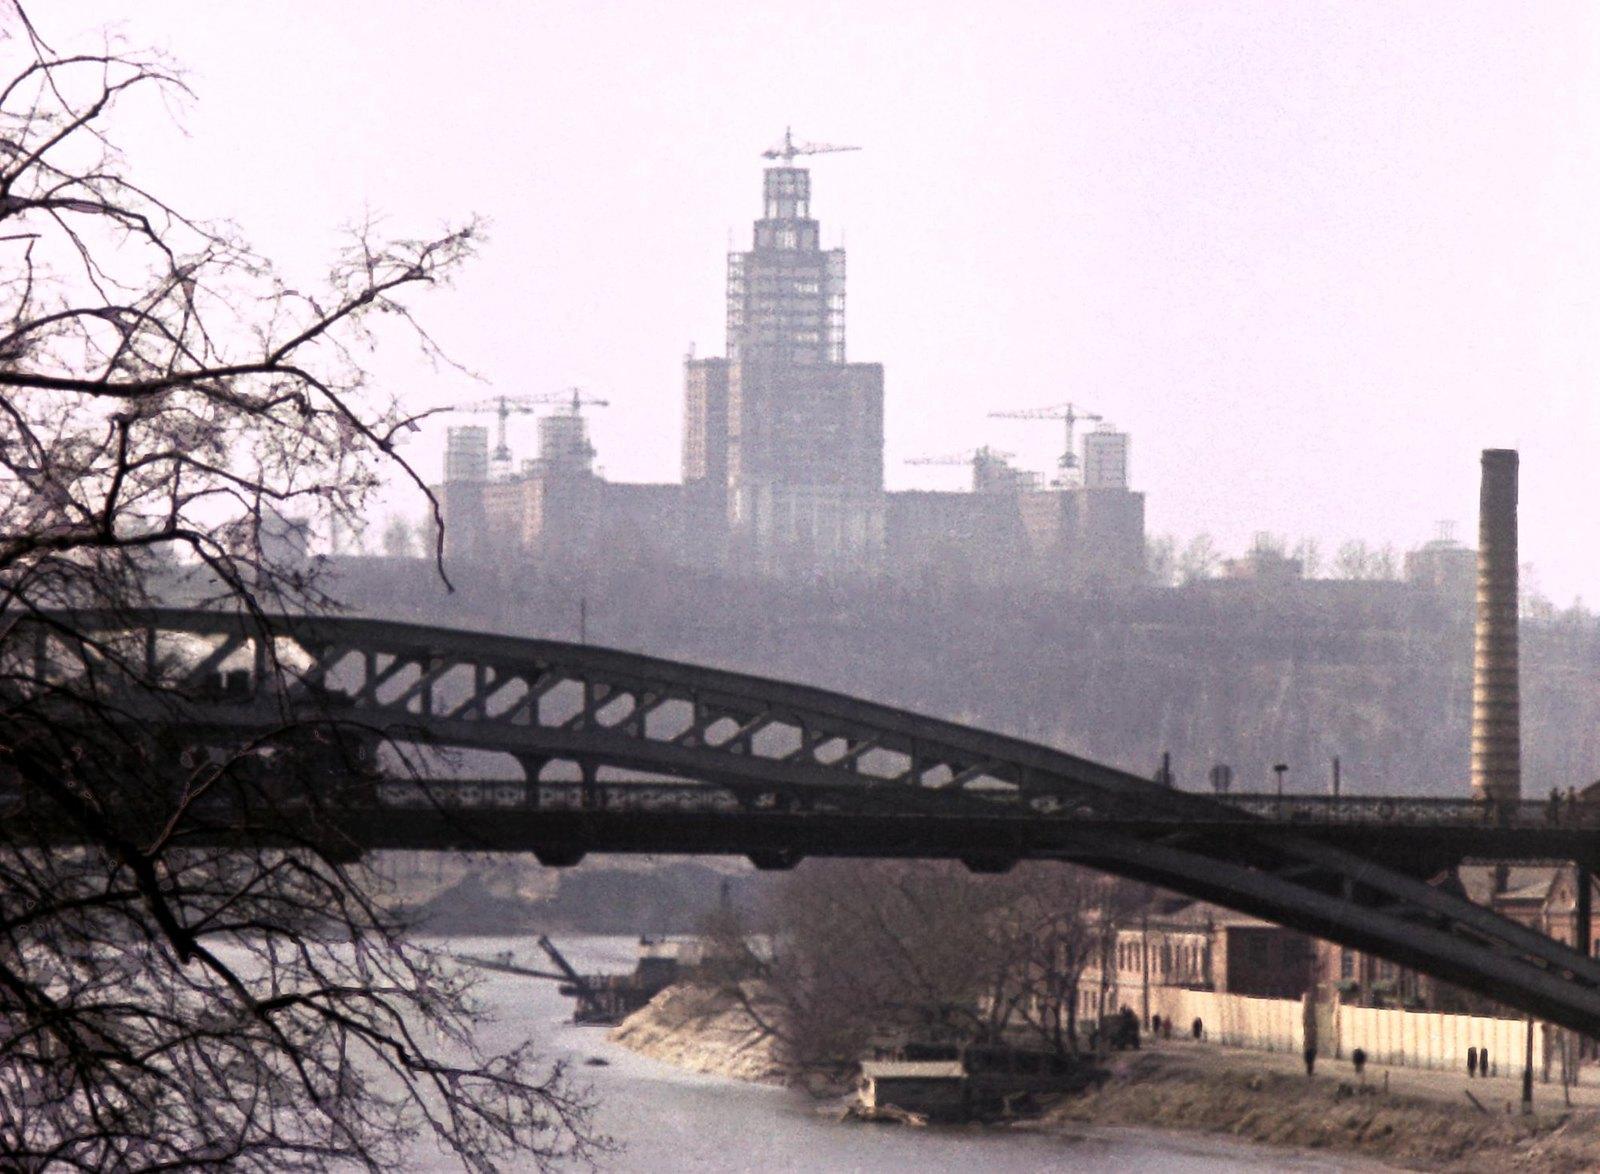 1955-1956. Строительство высотных зданий в Москве. Строительство здания Московского государственного университета им. М.В. Ломоносова